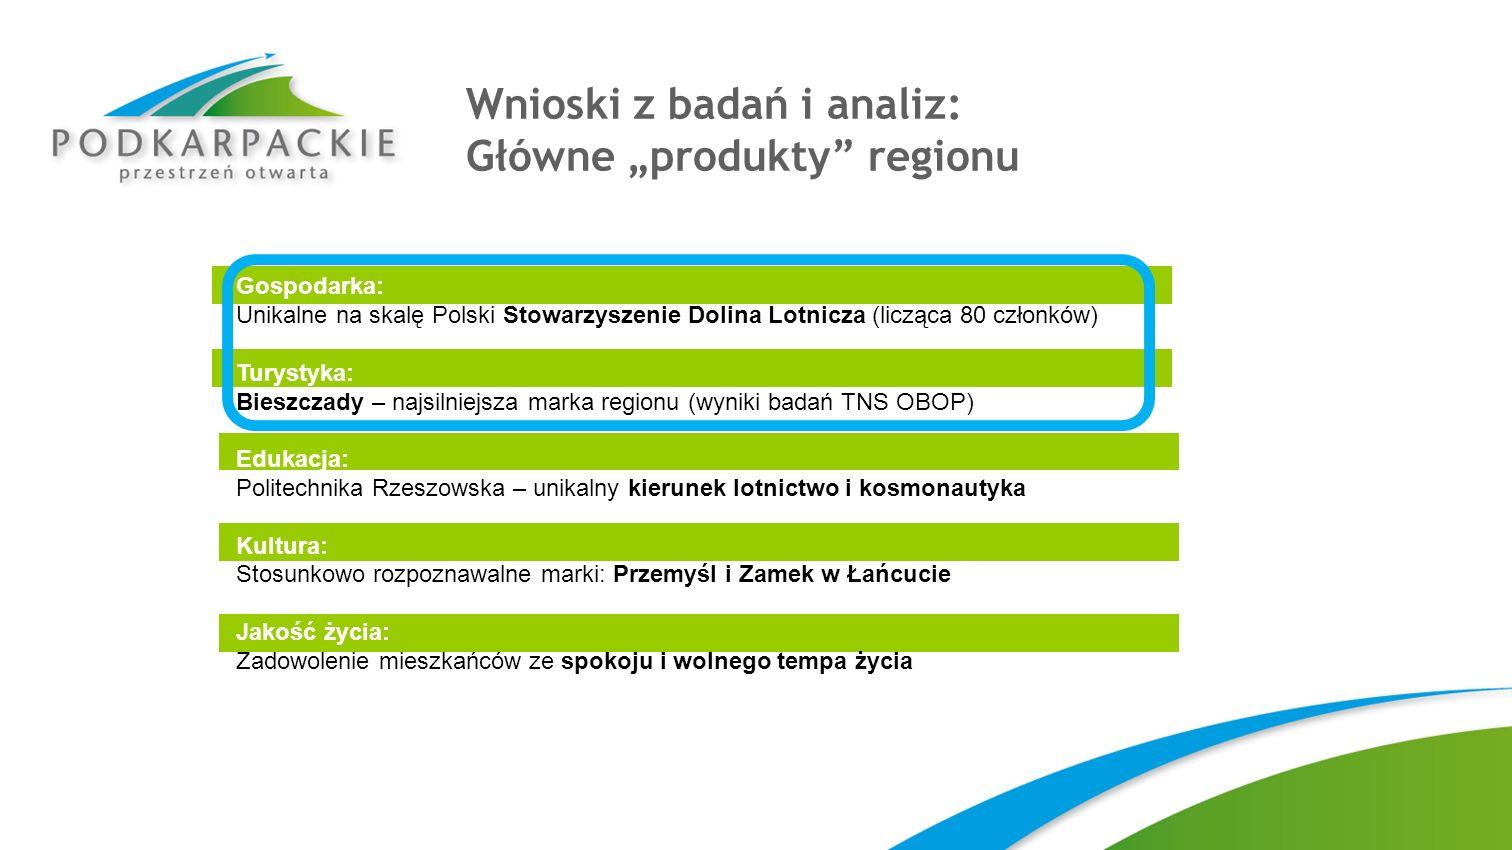 """Wnioski z badań i analiz: Główne """"produkty regionu"""